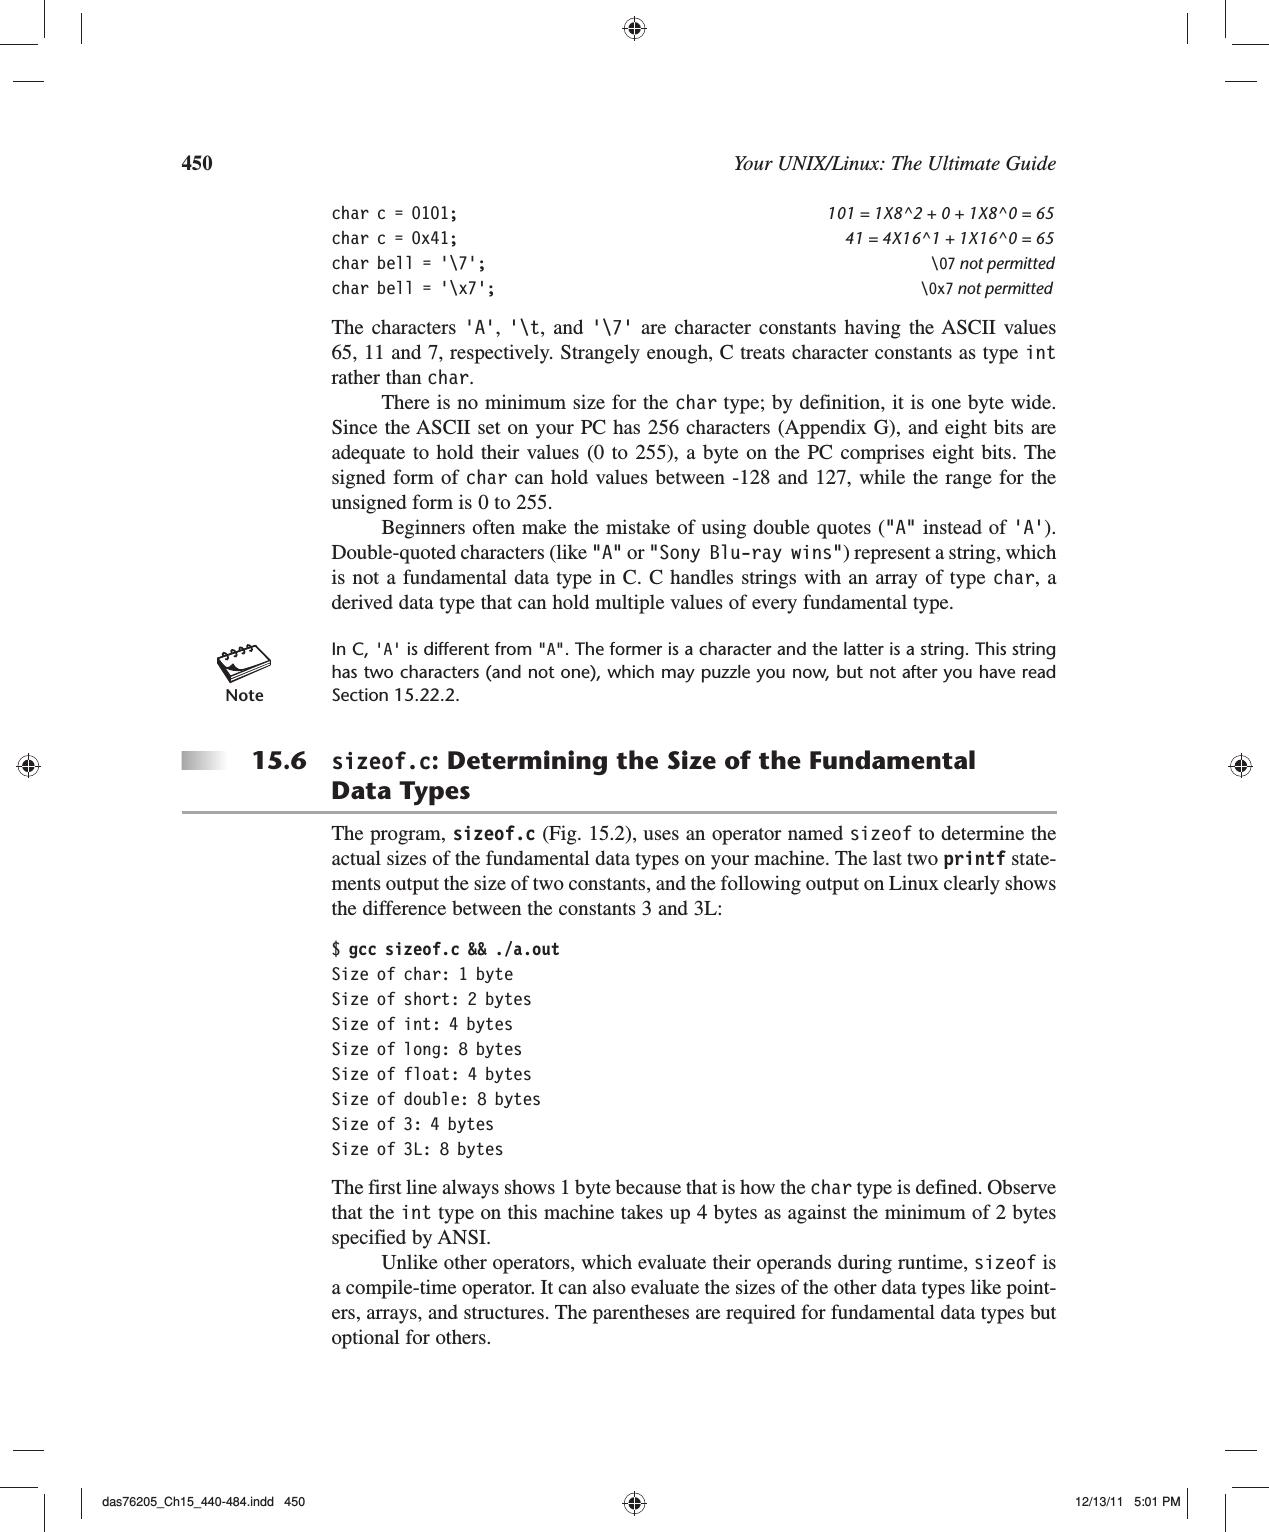 CSCE 215 Unix Ultimate Guide 3E